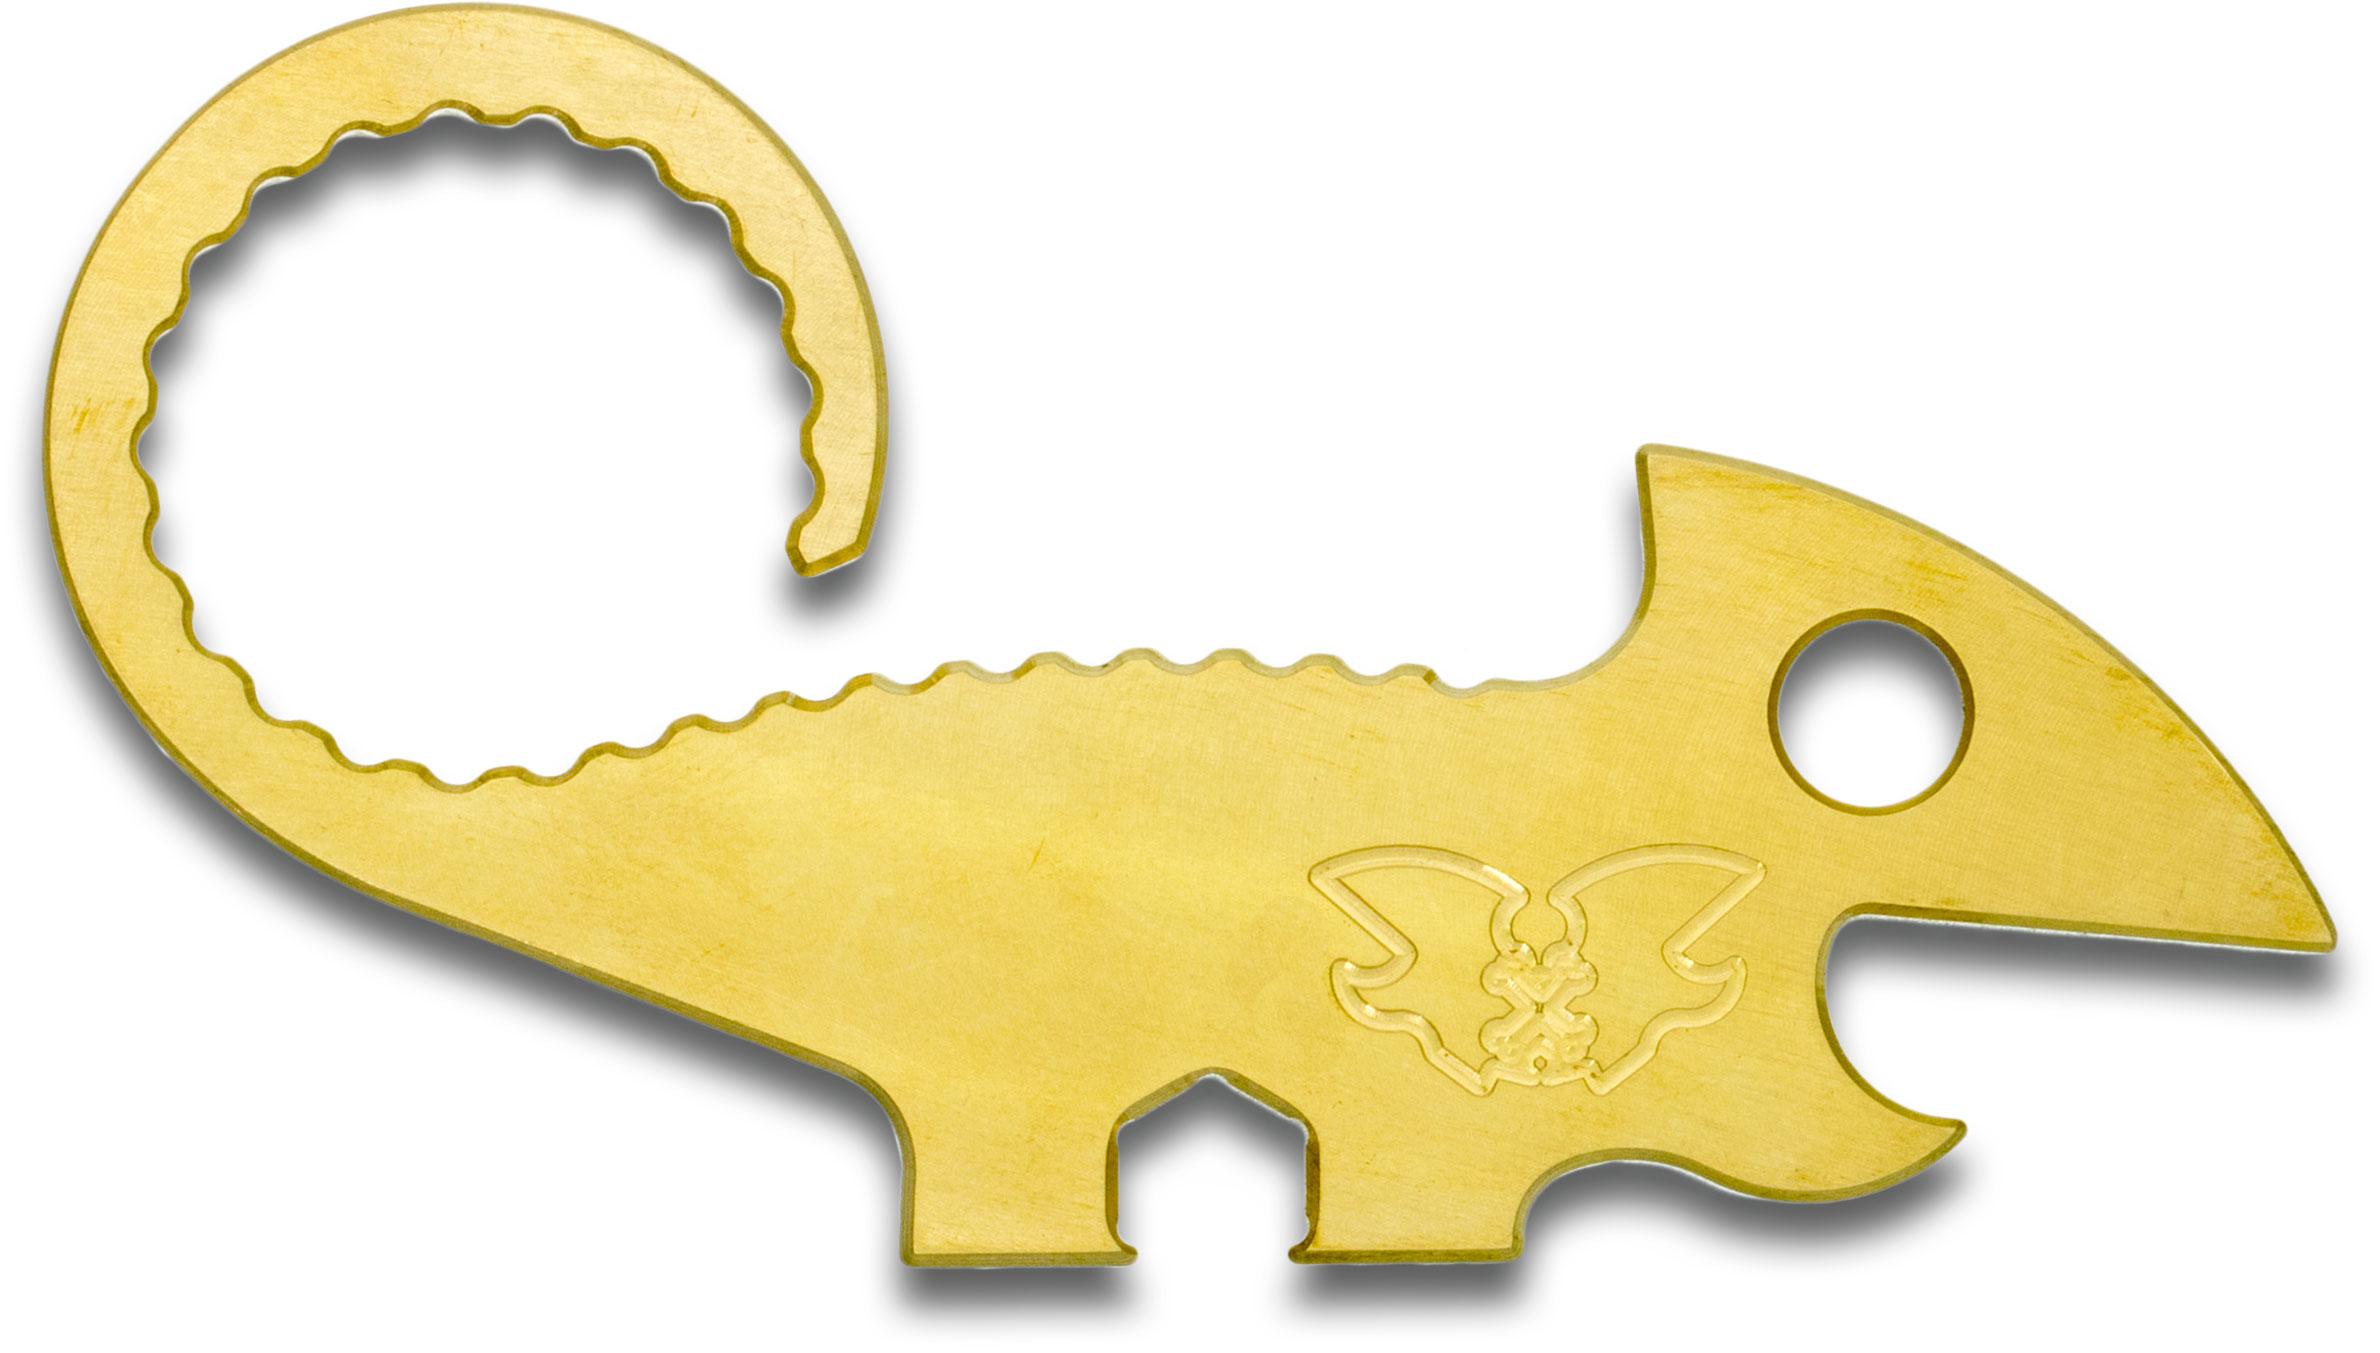 TRA Designs Brass Chugger 2.0 Chameleon Bottle Opener